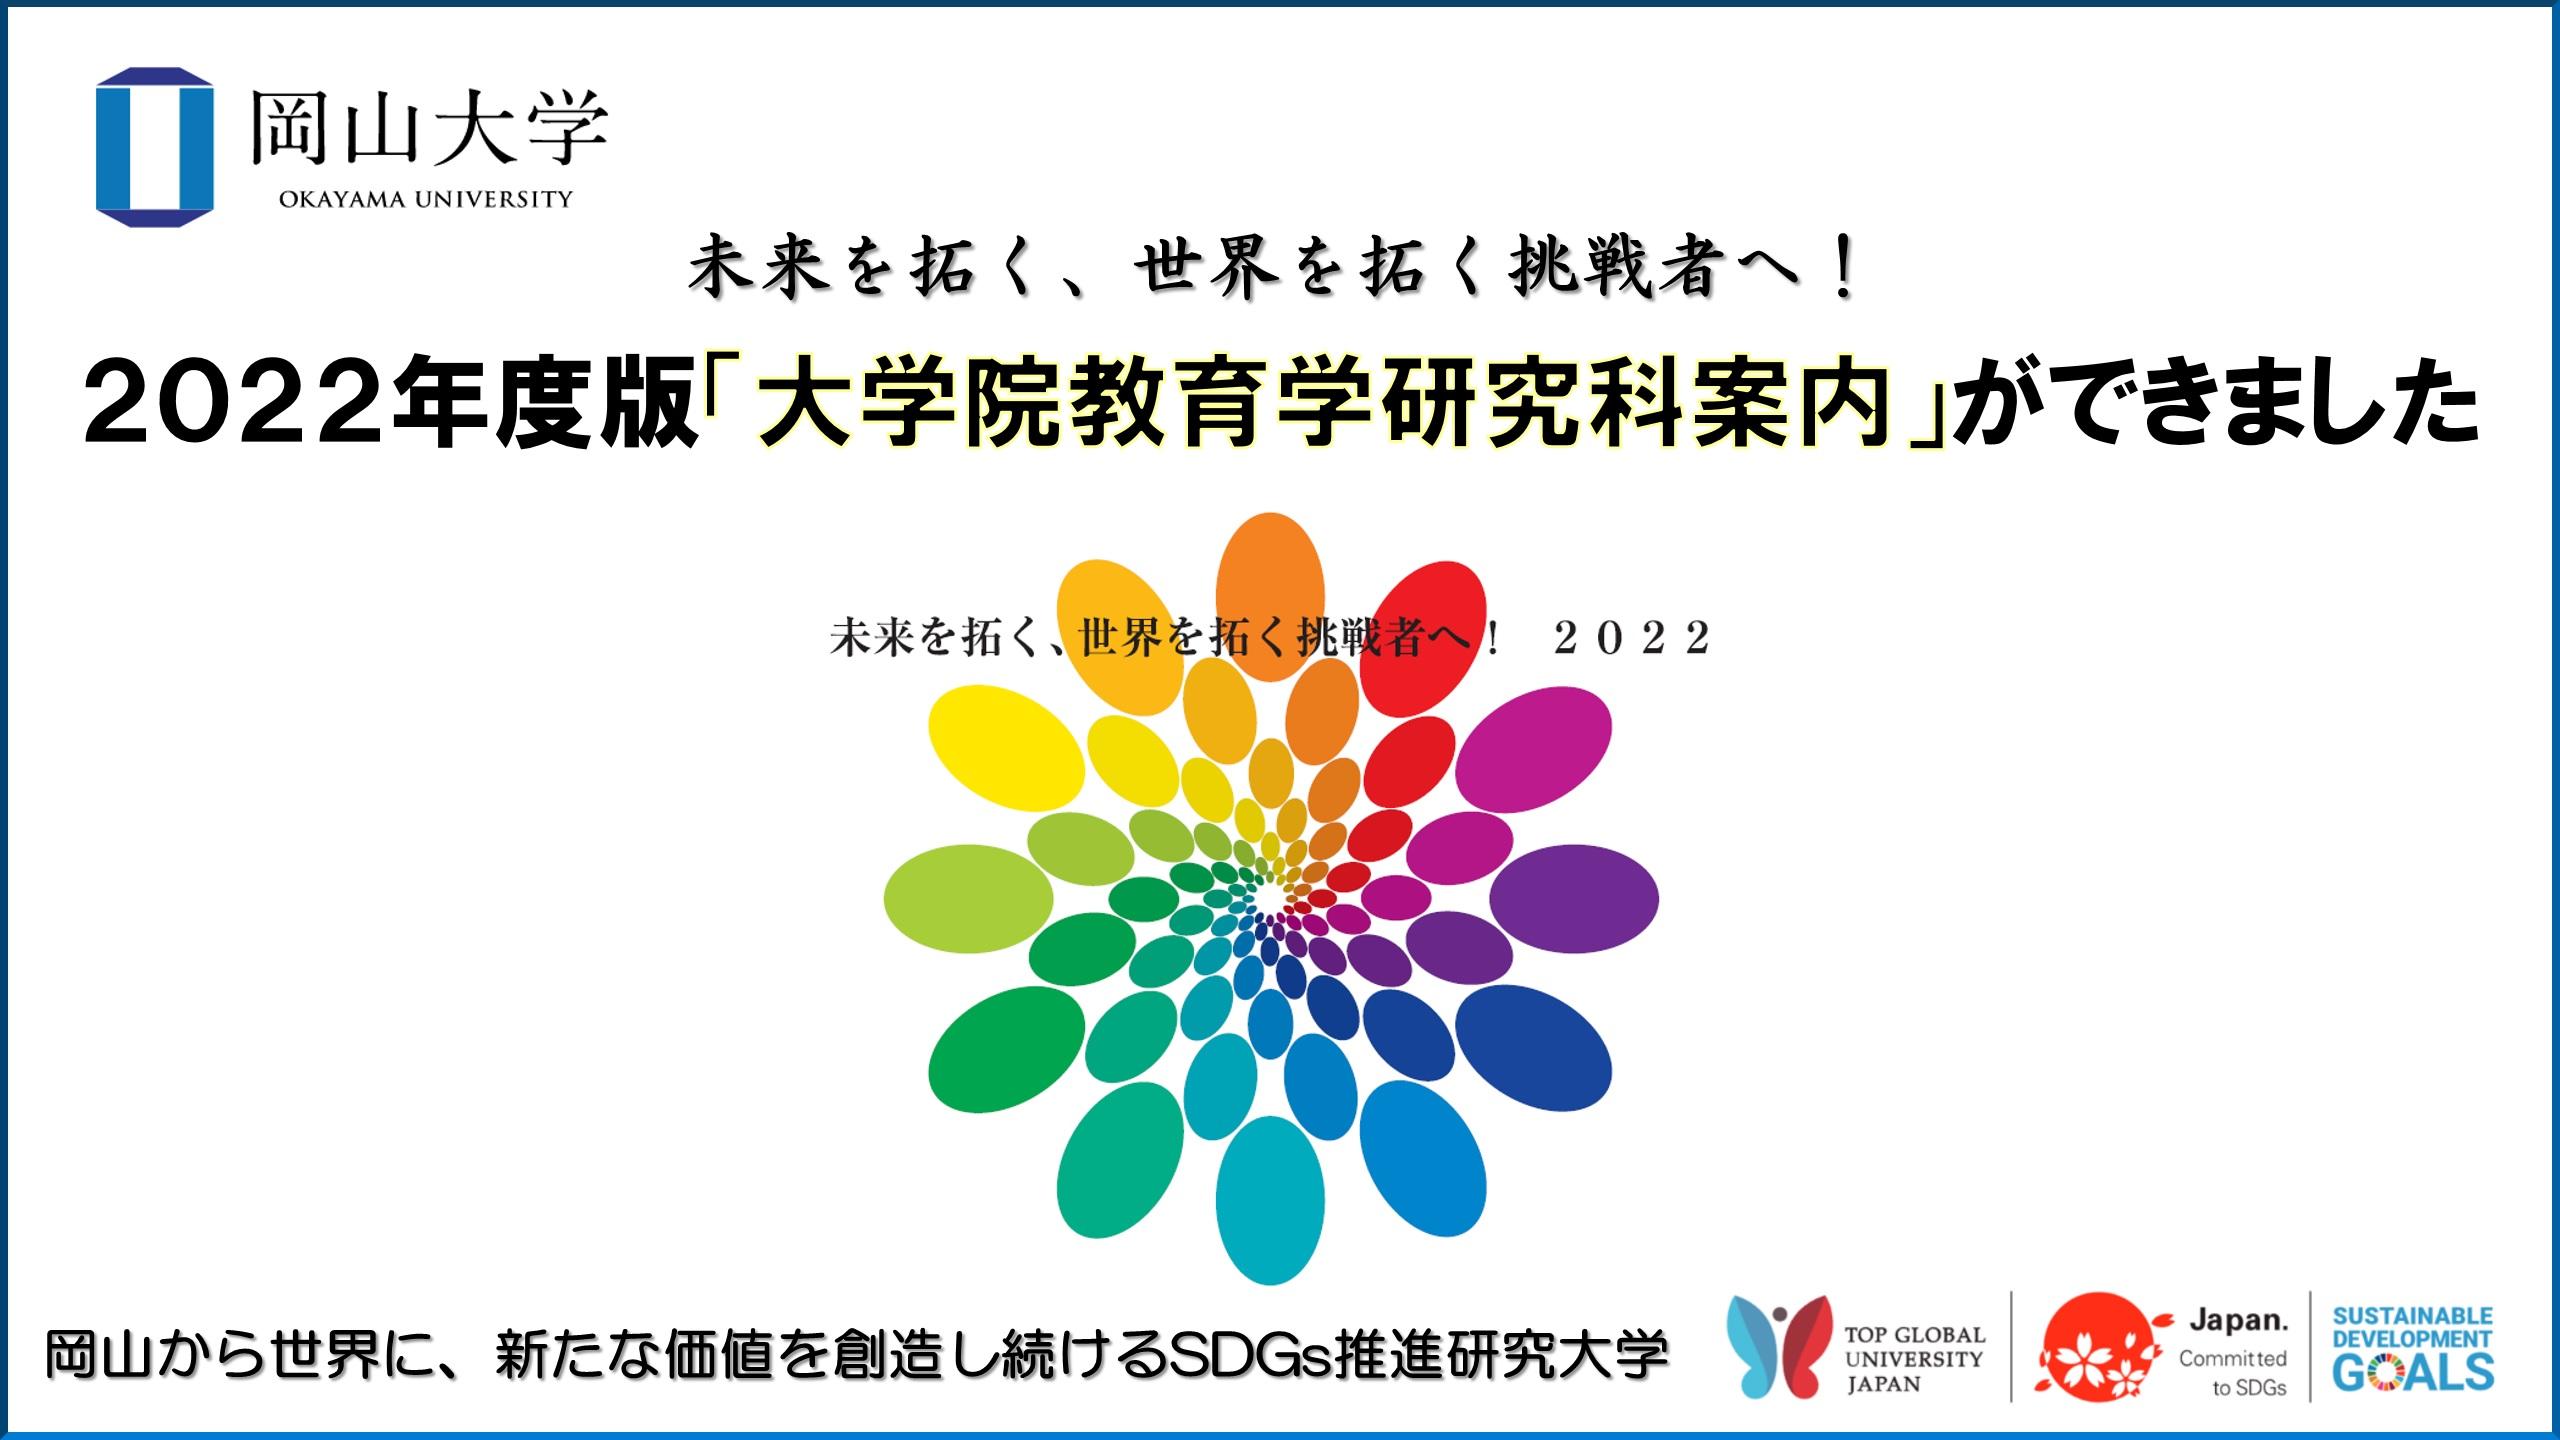 【岡山大学】未来を拓く、世界を拓く挑戦者へ! 2022年度版「大学院教育学研究科案内」ができました!